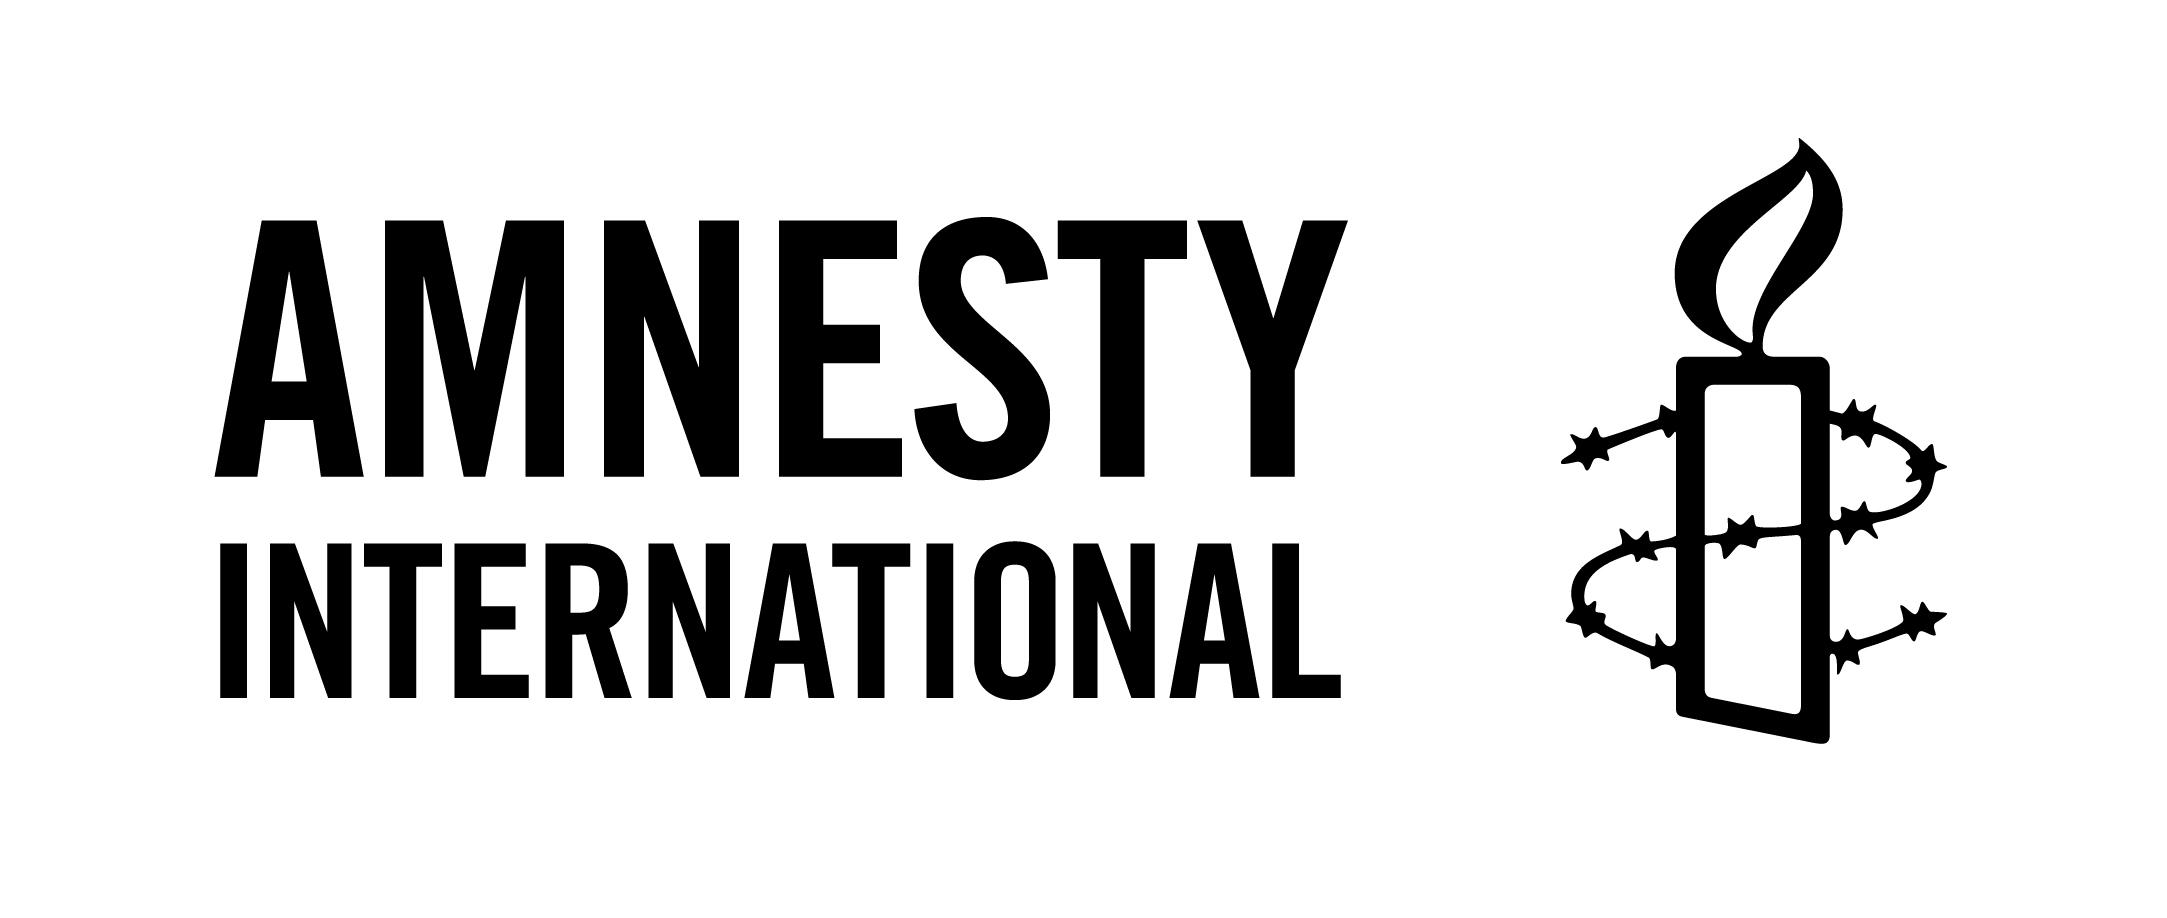 amnesty logo.jpg